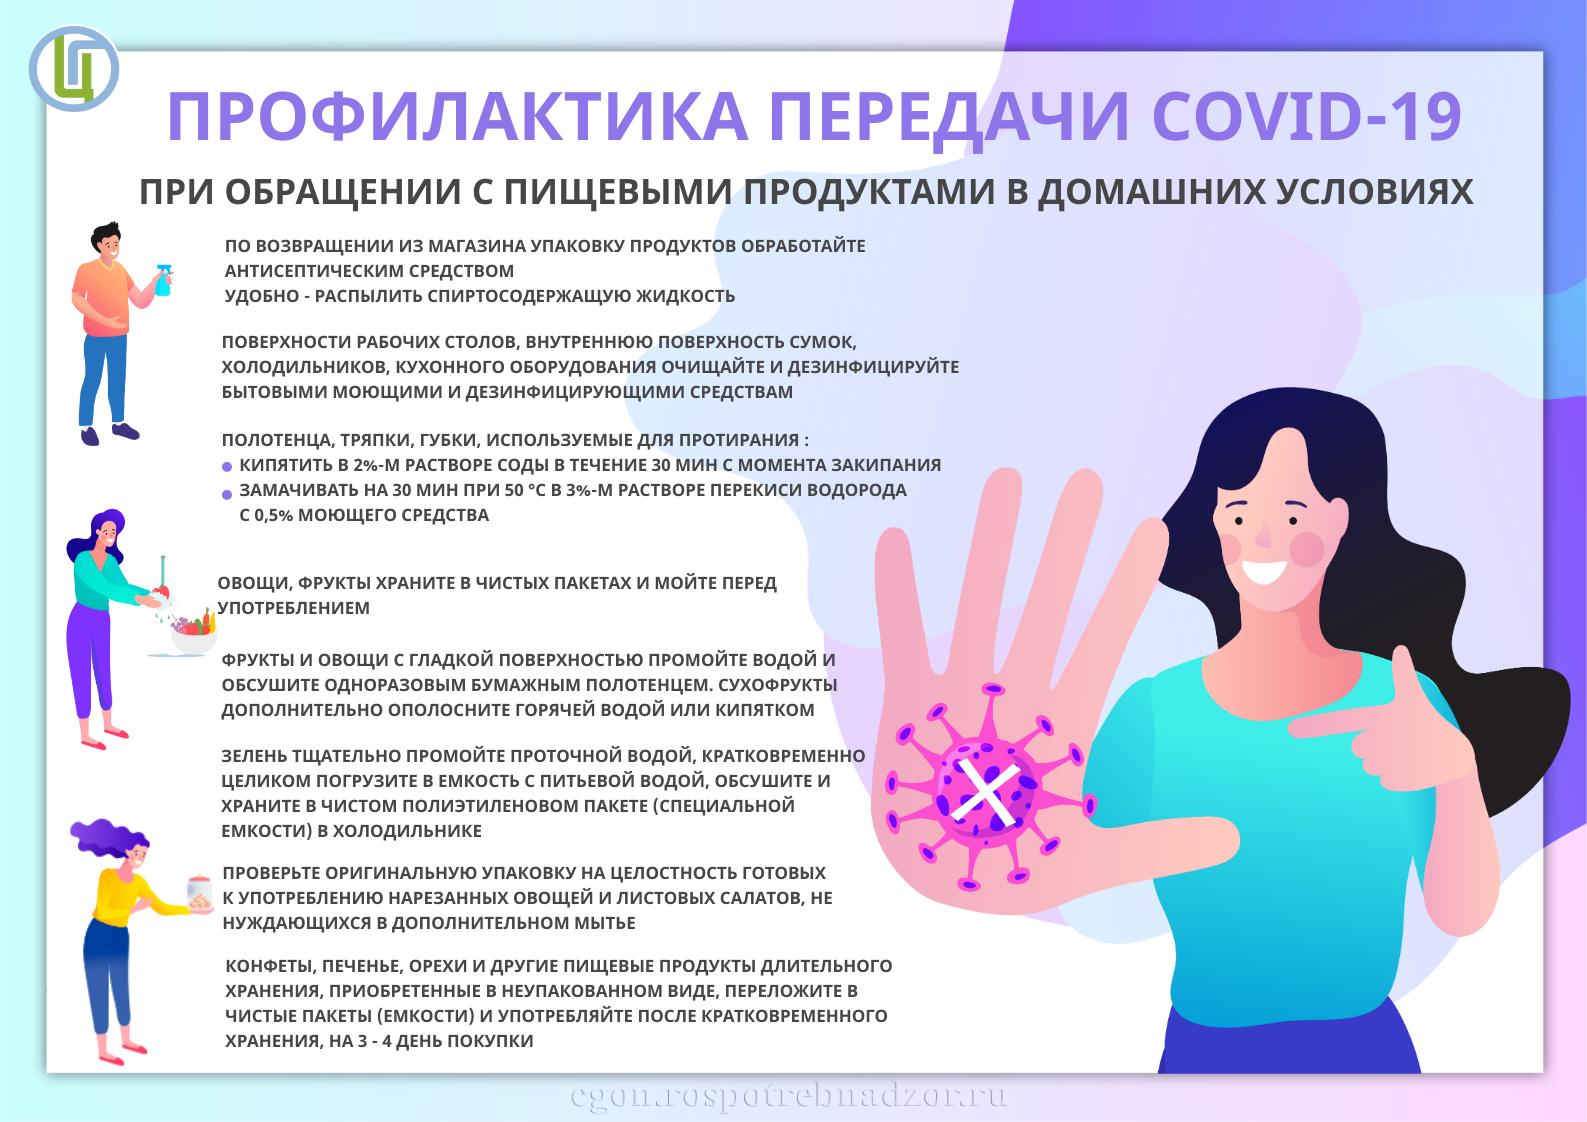 Профилактика передачи COVID-19 при обращении с пищевыми продуктами в домашних условиях